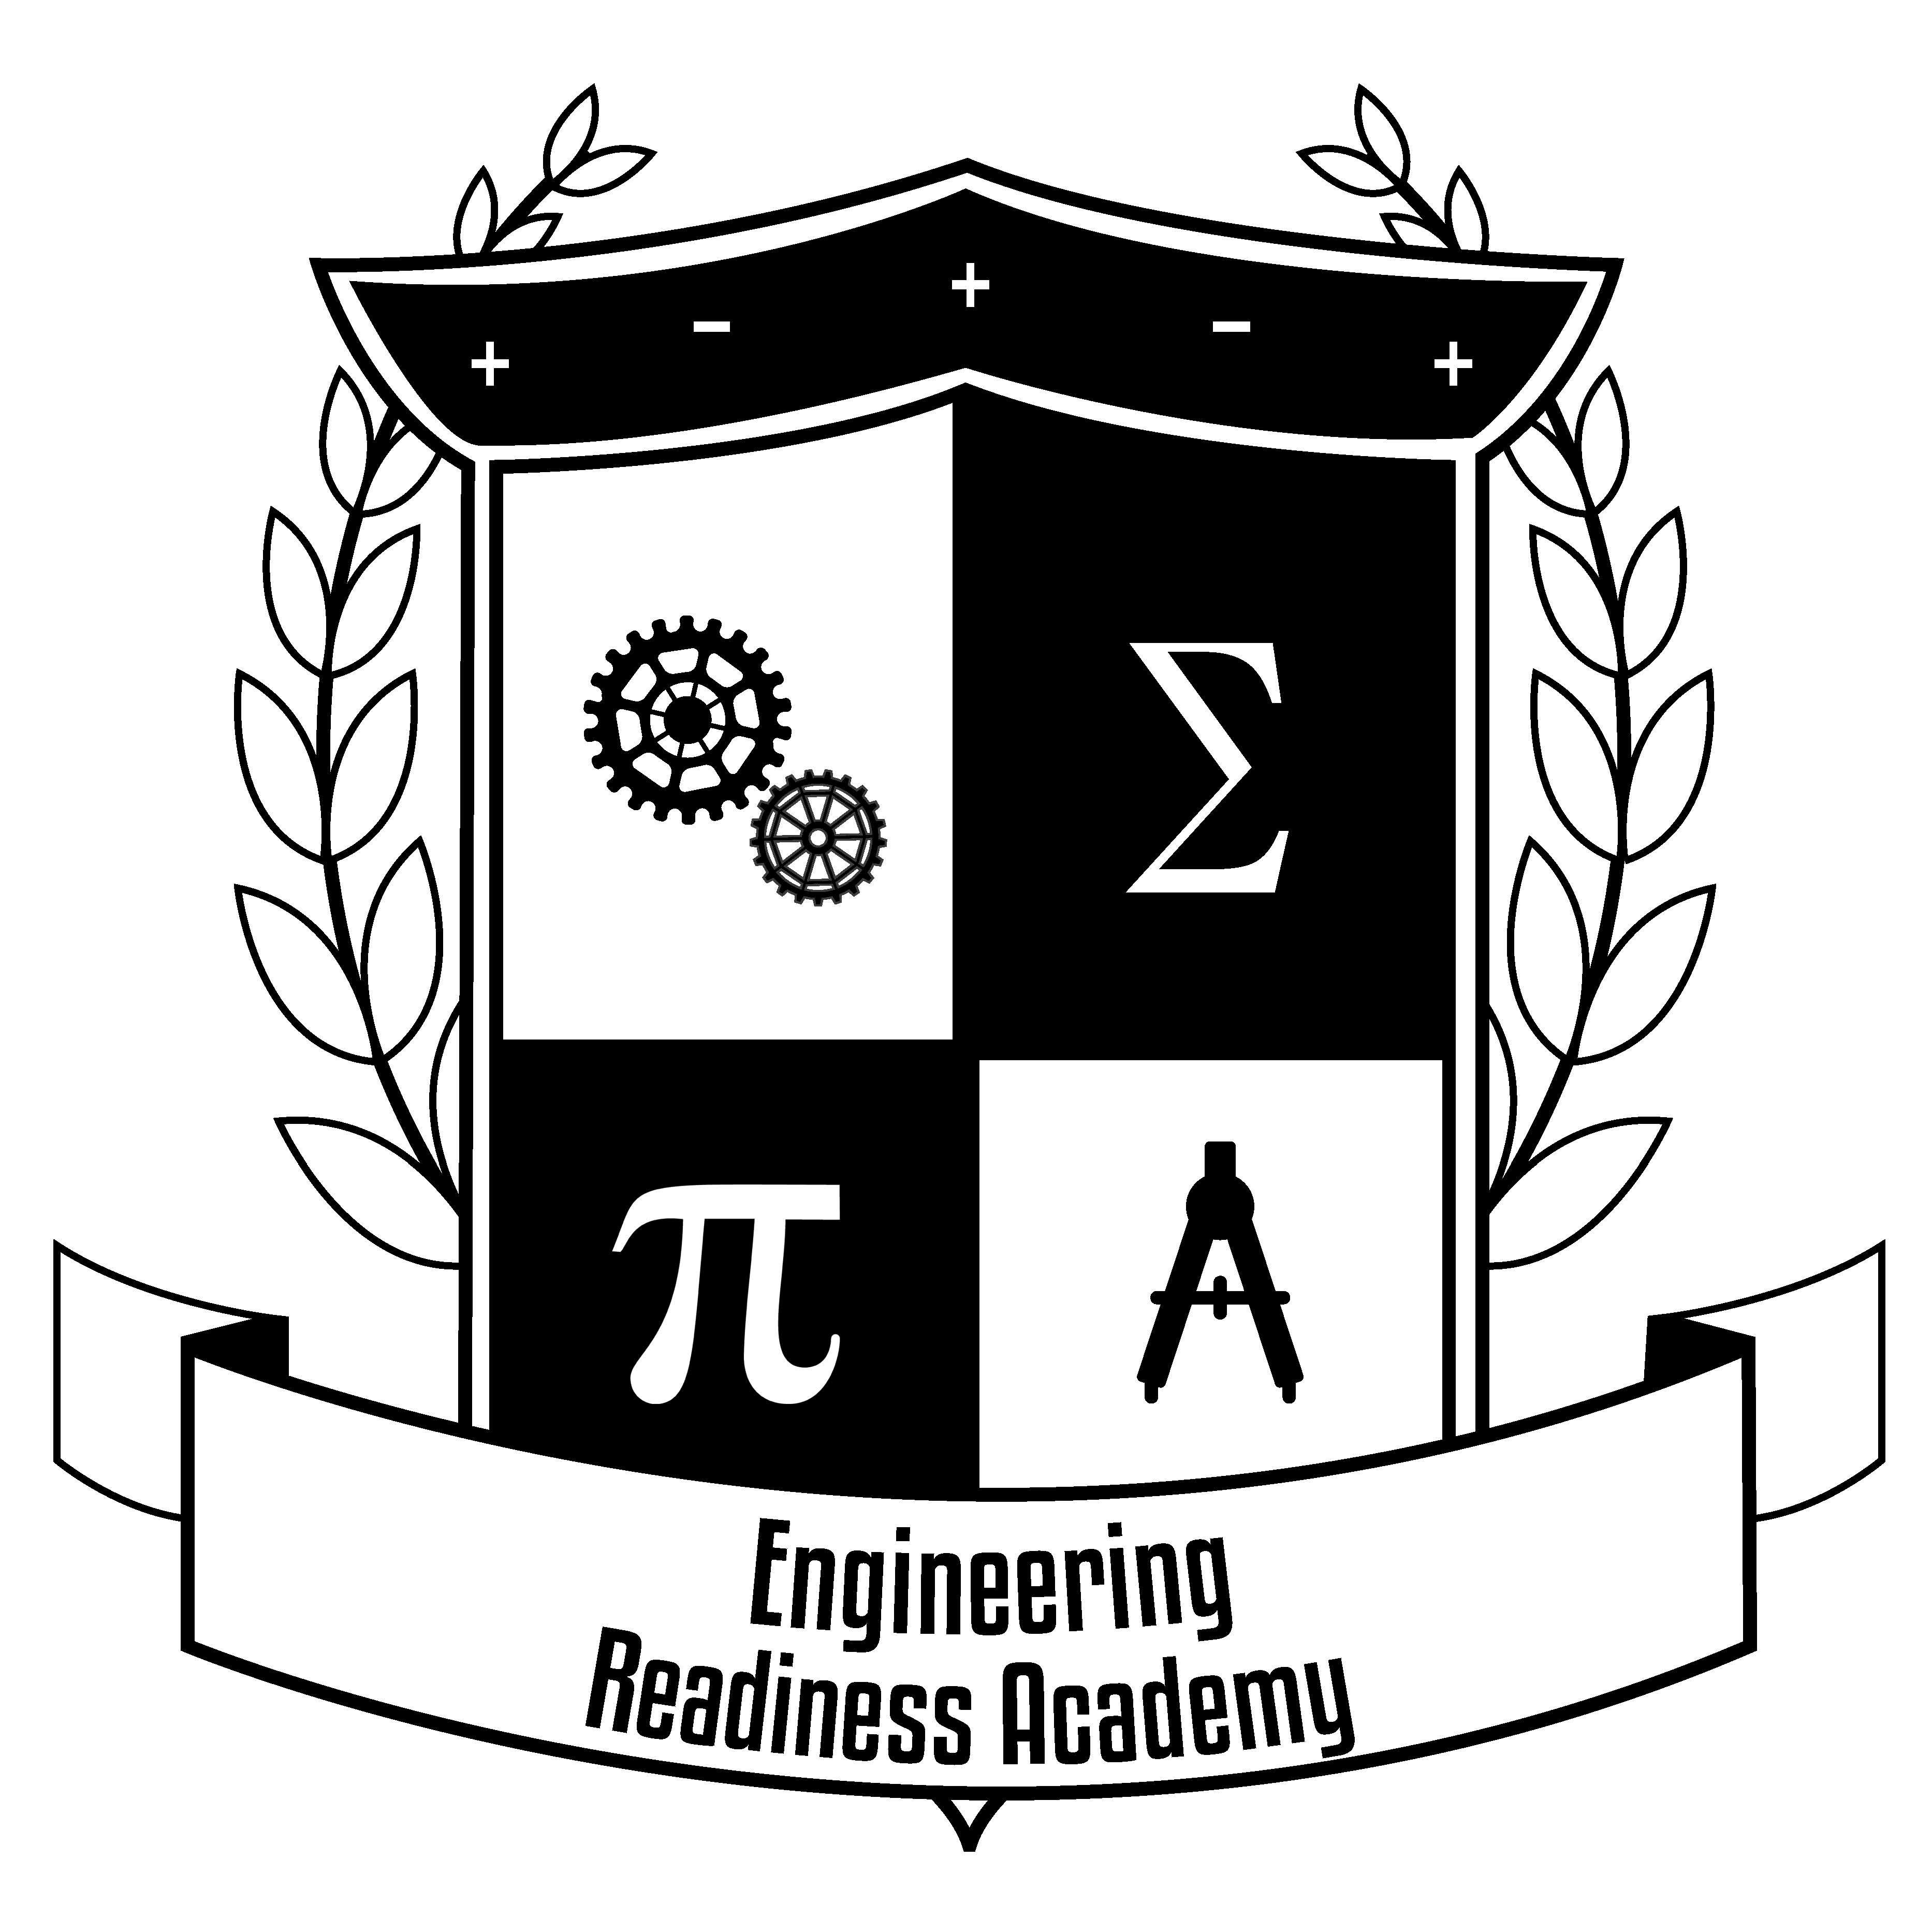 Engineering Readiness Academy